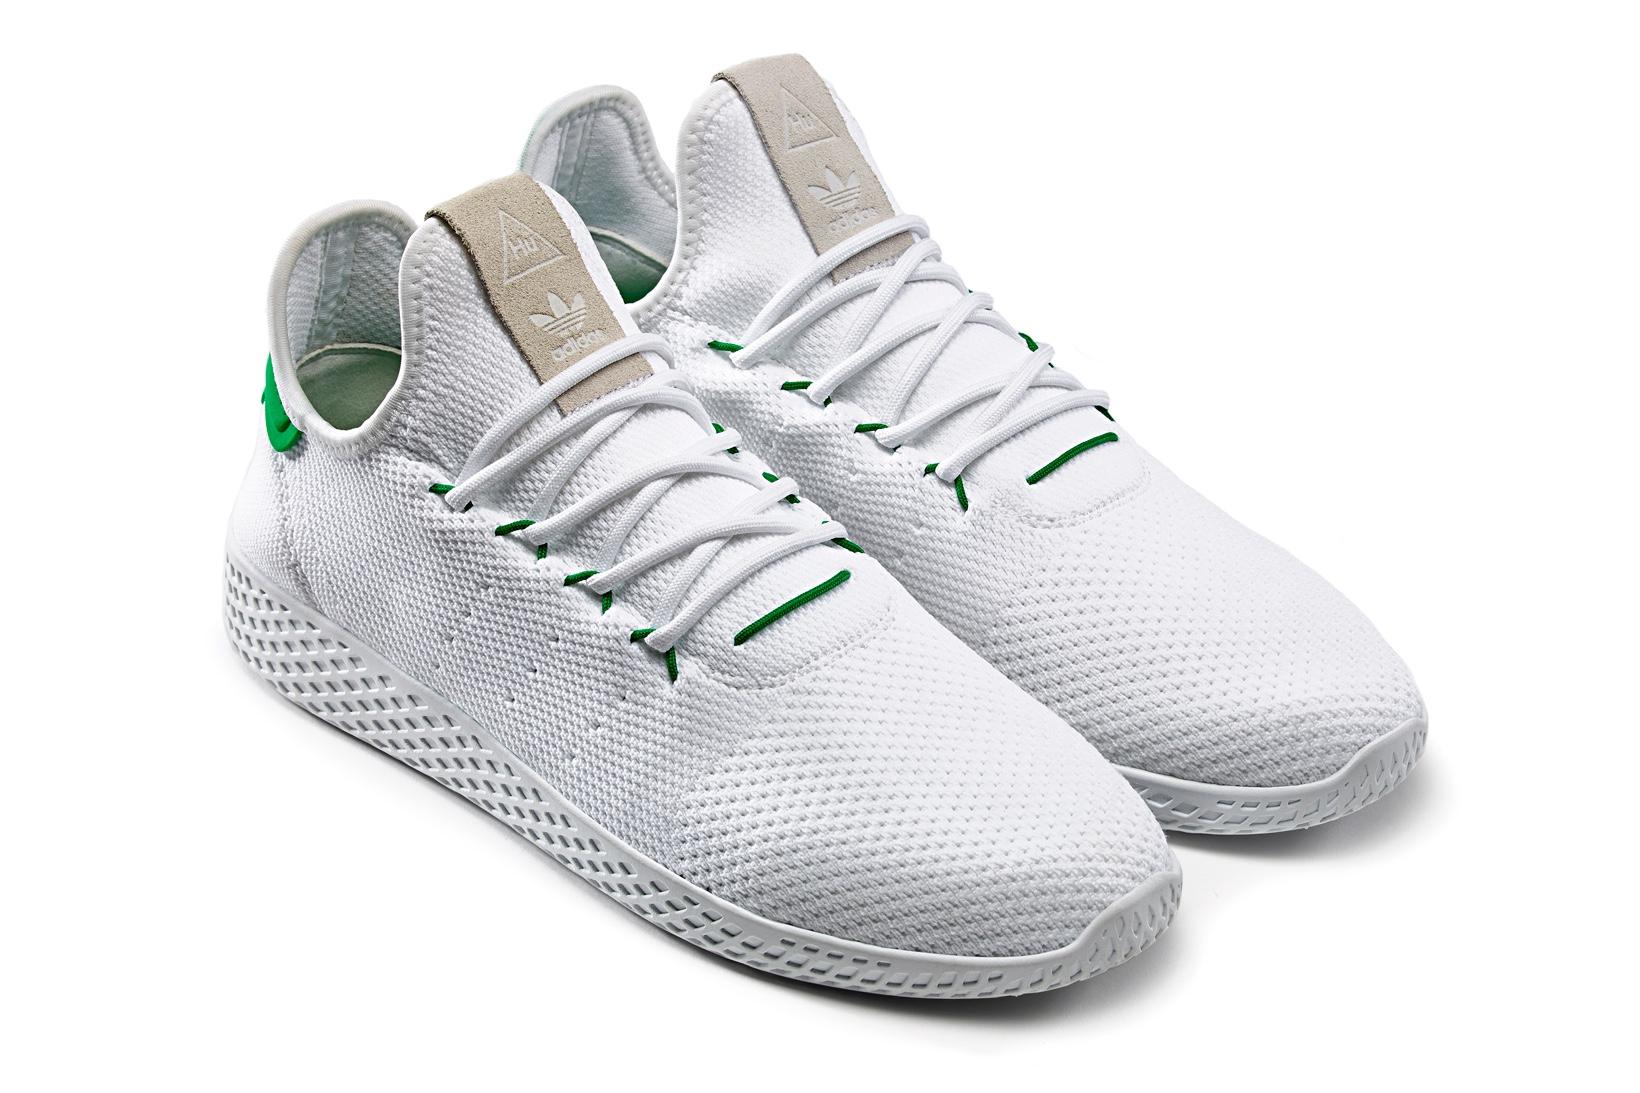 2f40db1280a Pharrell Williams x adidas Originals